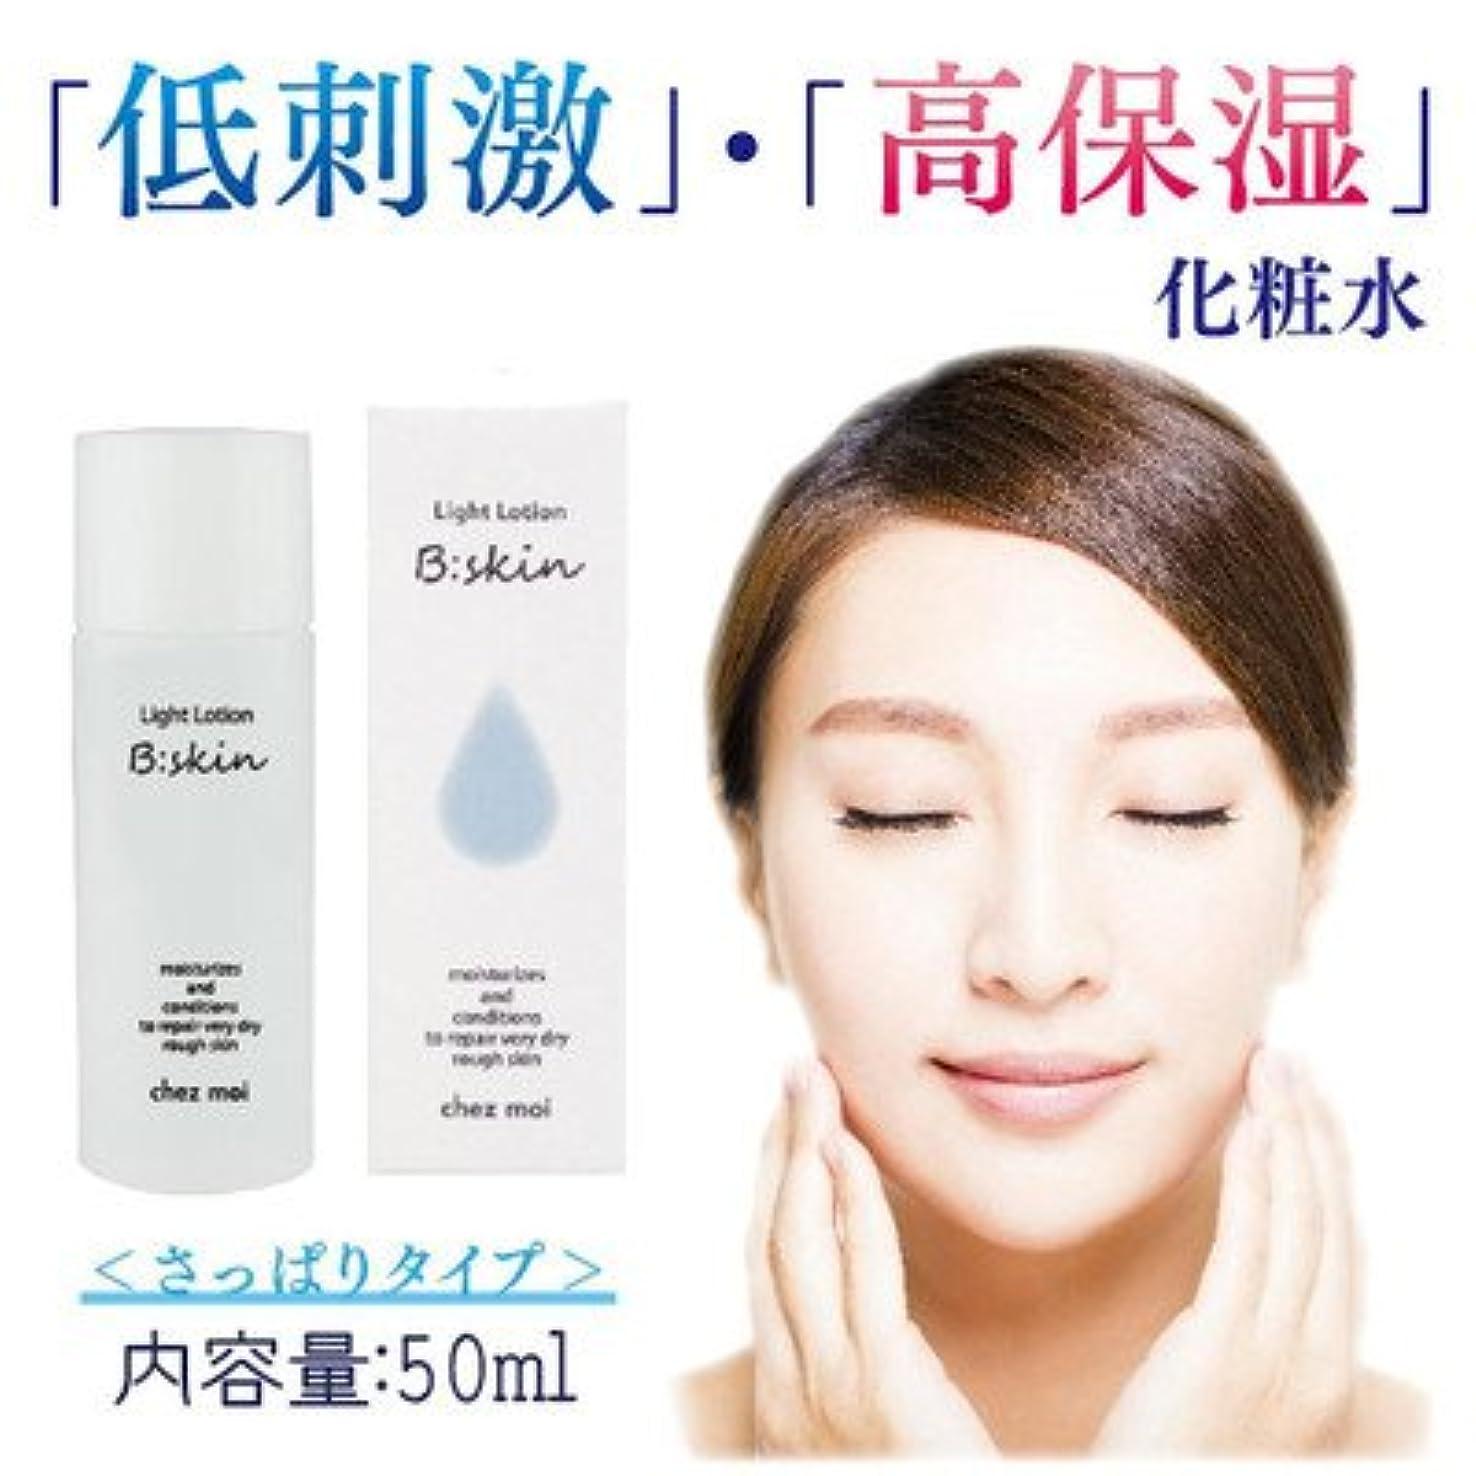 メガロポリス定期的仮装低刺激 高保湿 さっぱりタイプの化粧水 B:skin ビースキン Light Lotion ライトローション さっぱりタイプ 化粧水 50mL